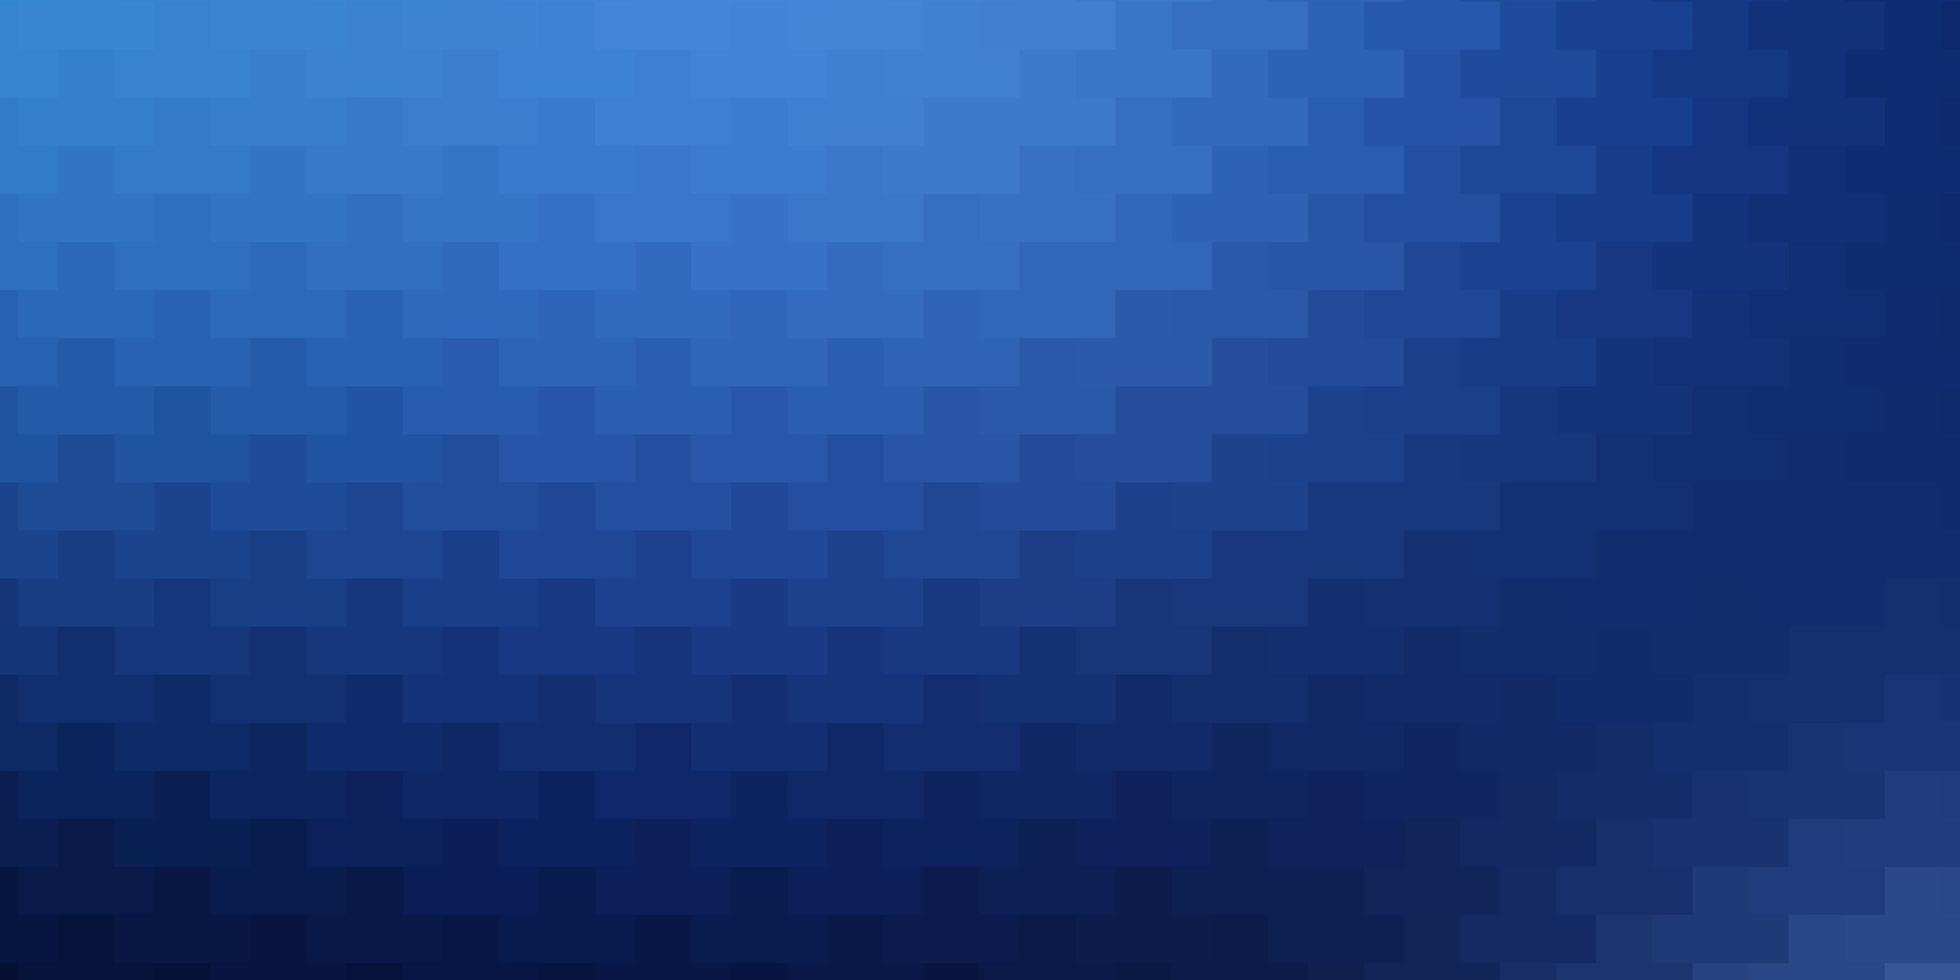 mörkblå vektorstruktur i rektangulär stil. vektor